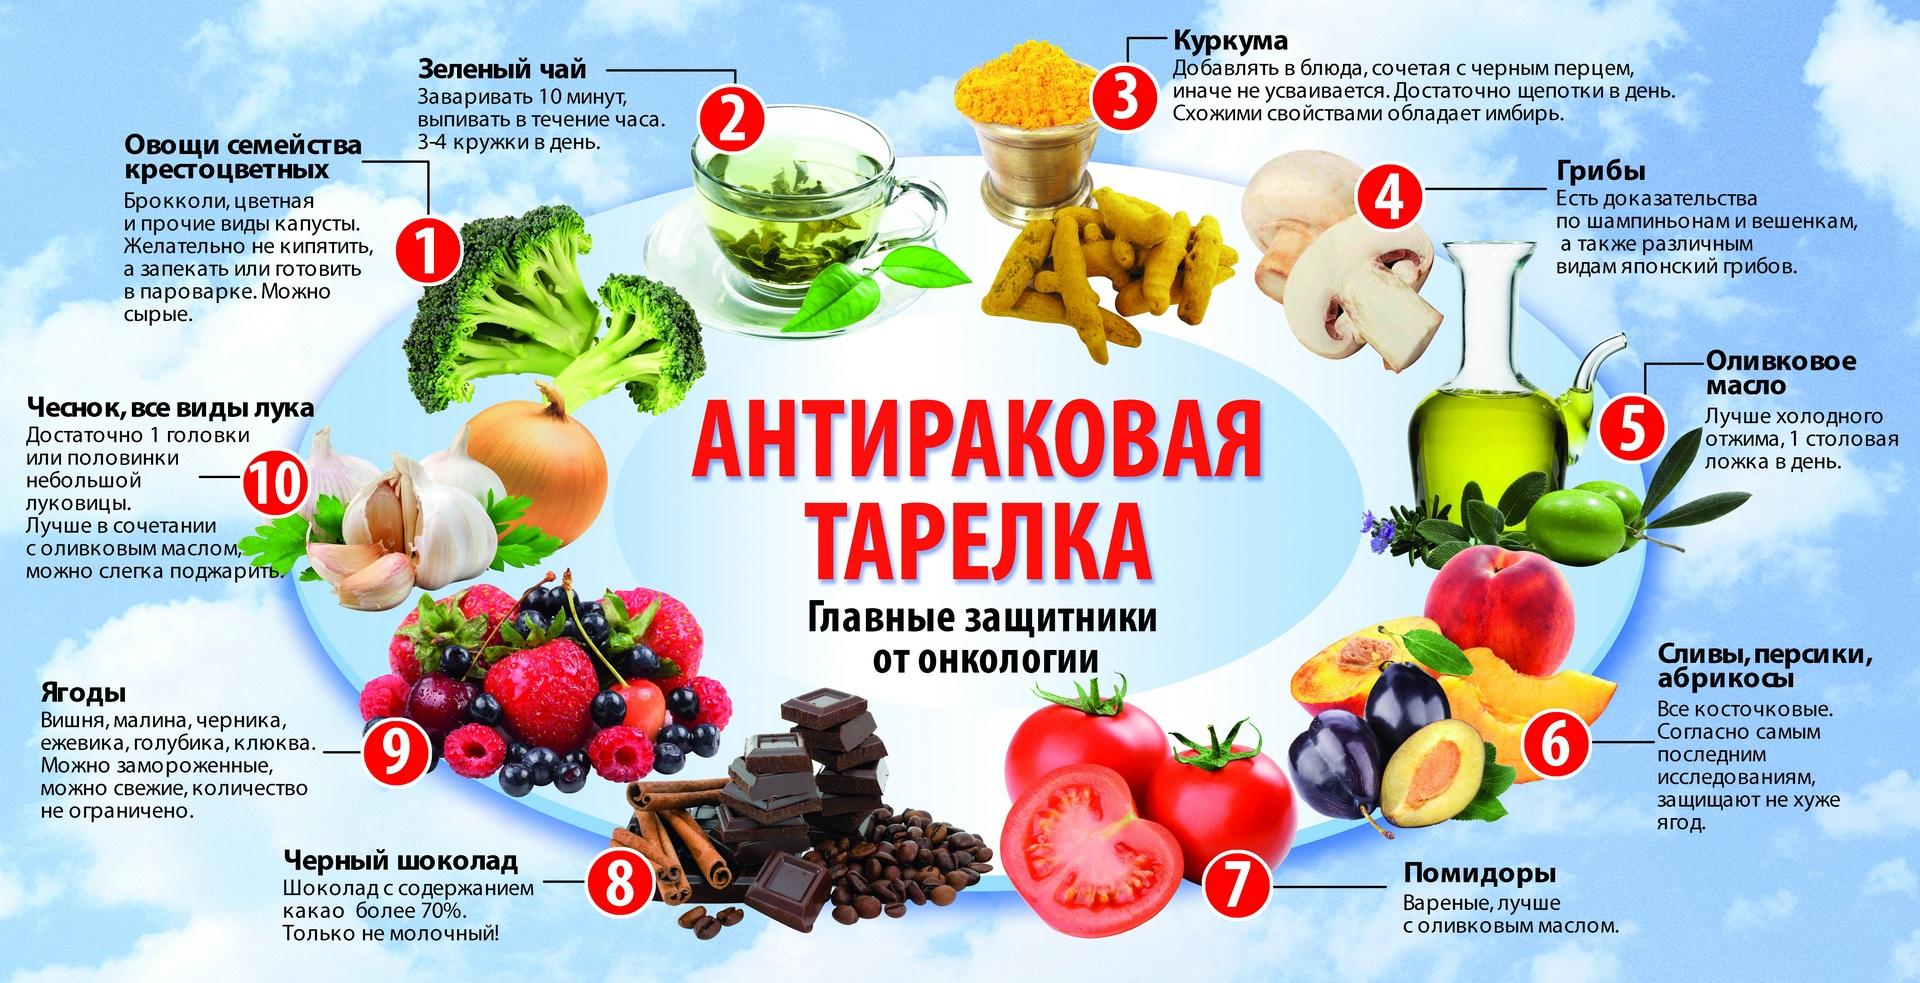 Какие продукты употребляют при раке простаты